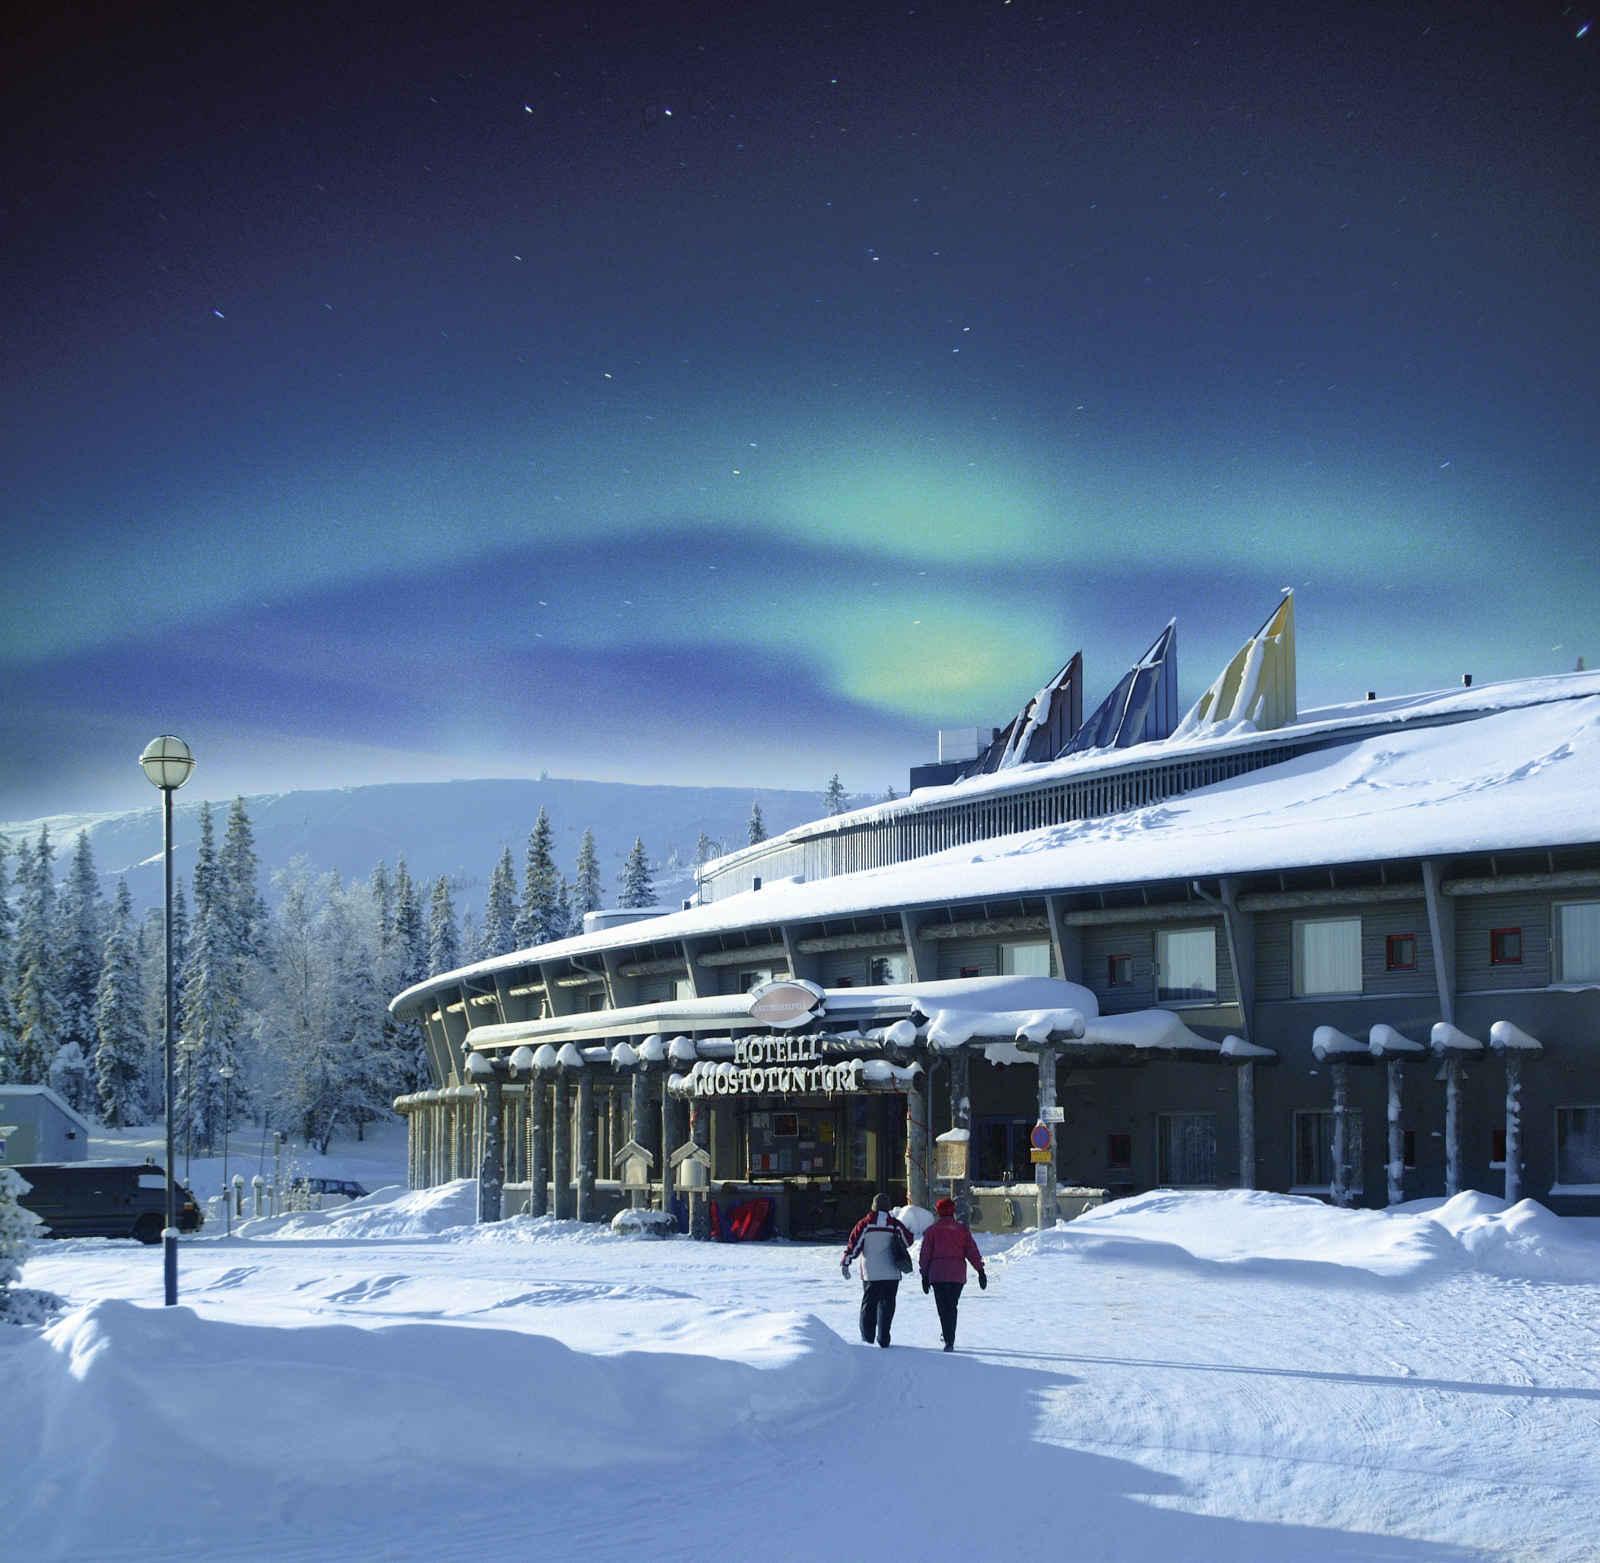 Luostotunturi - 4 jours / 3 nuits, Rovaniemi